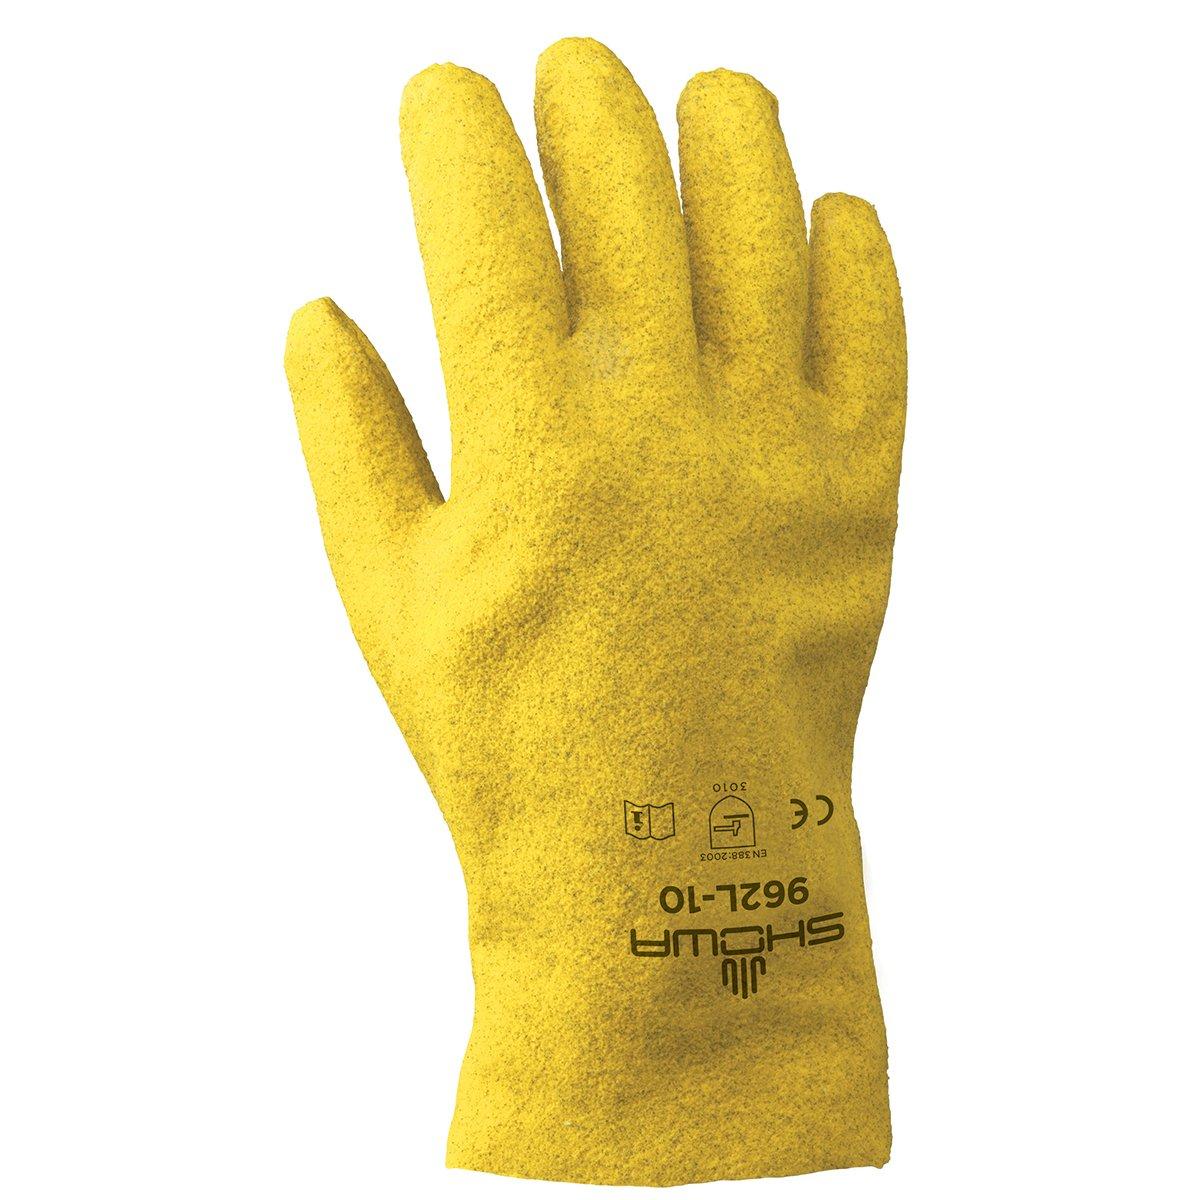 Fully Coated PVC Glove